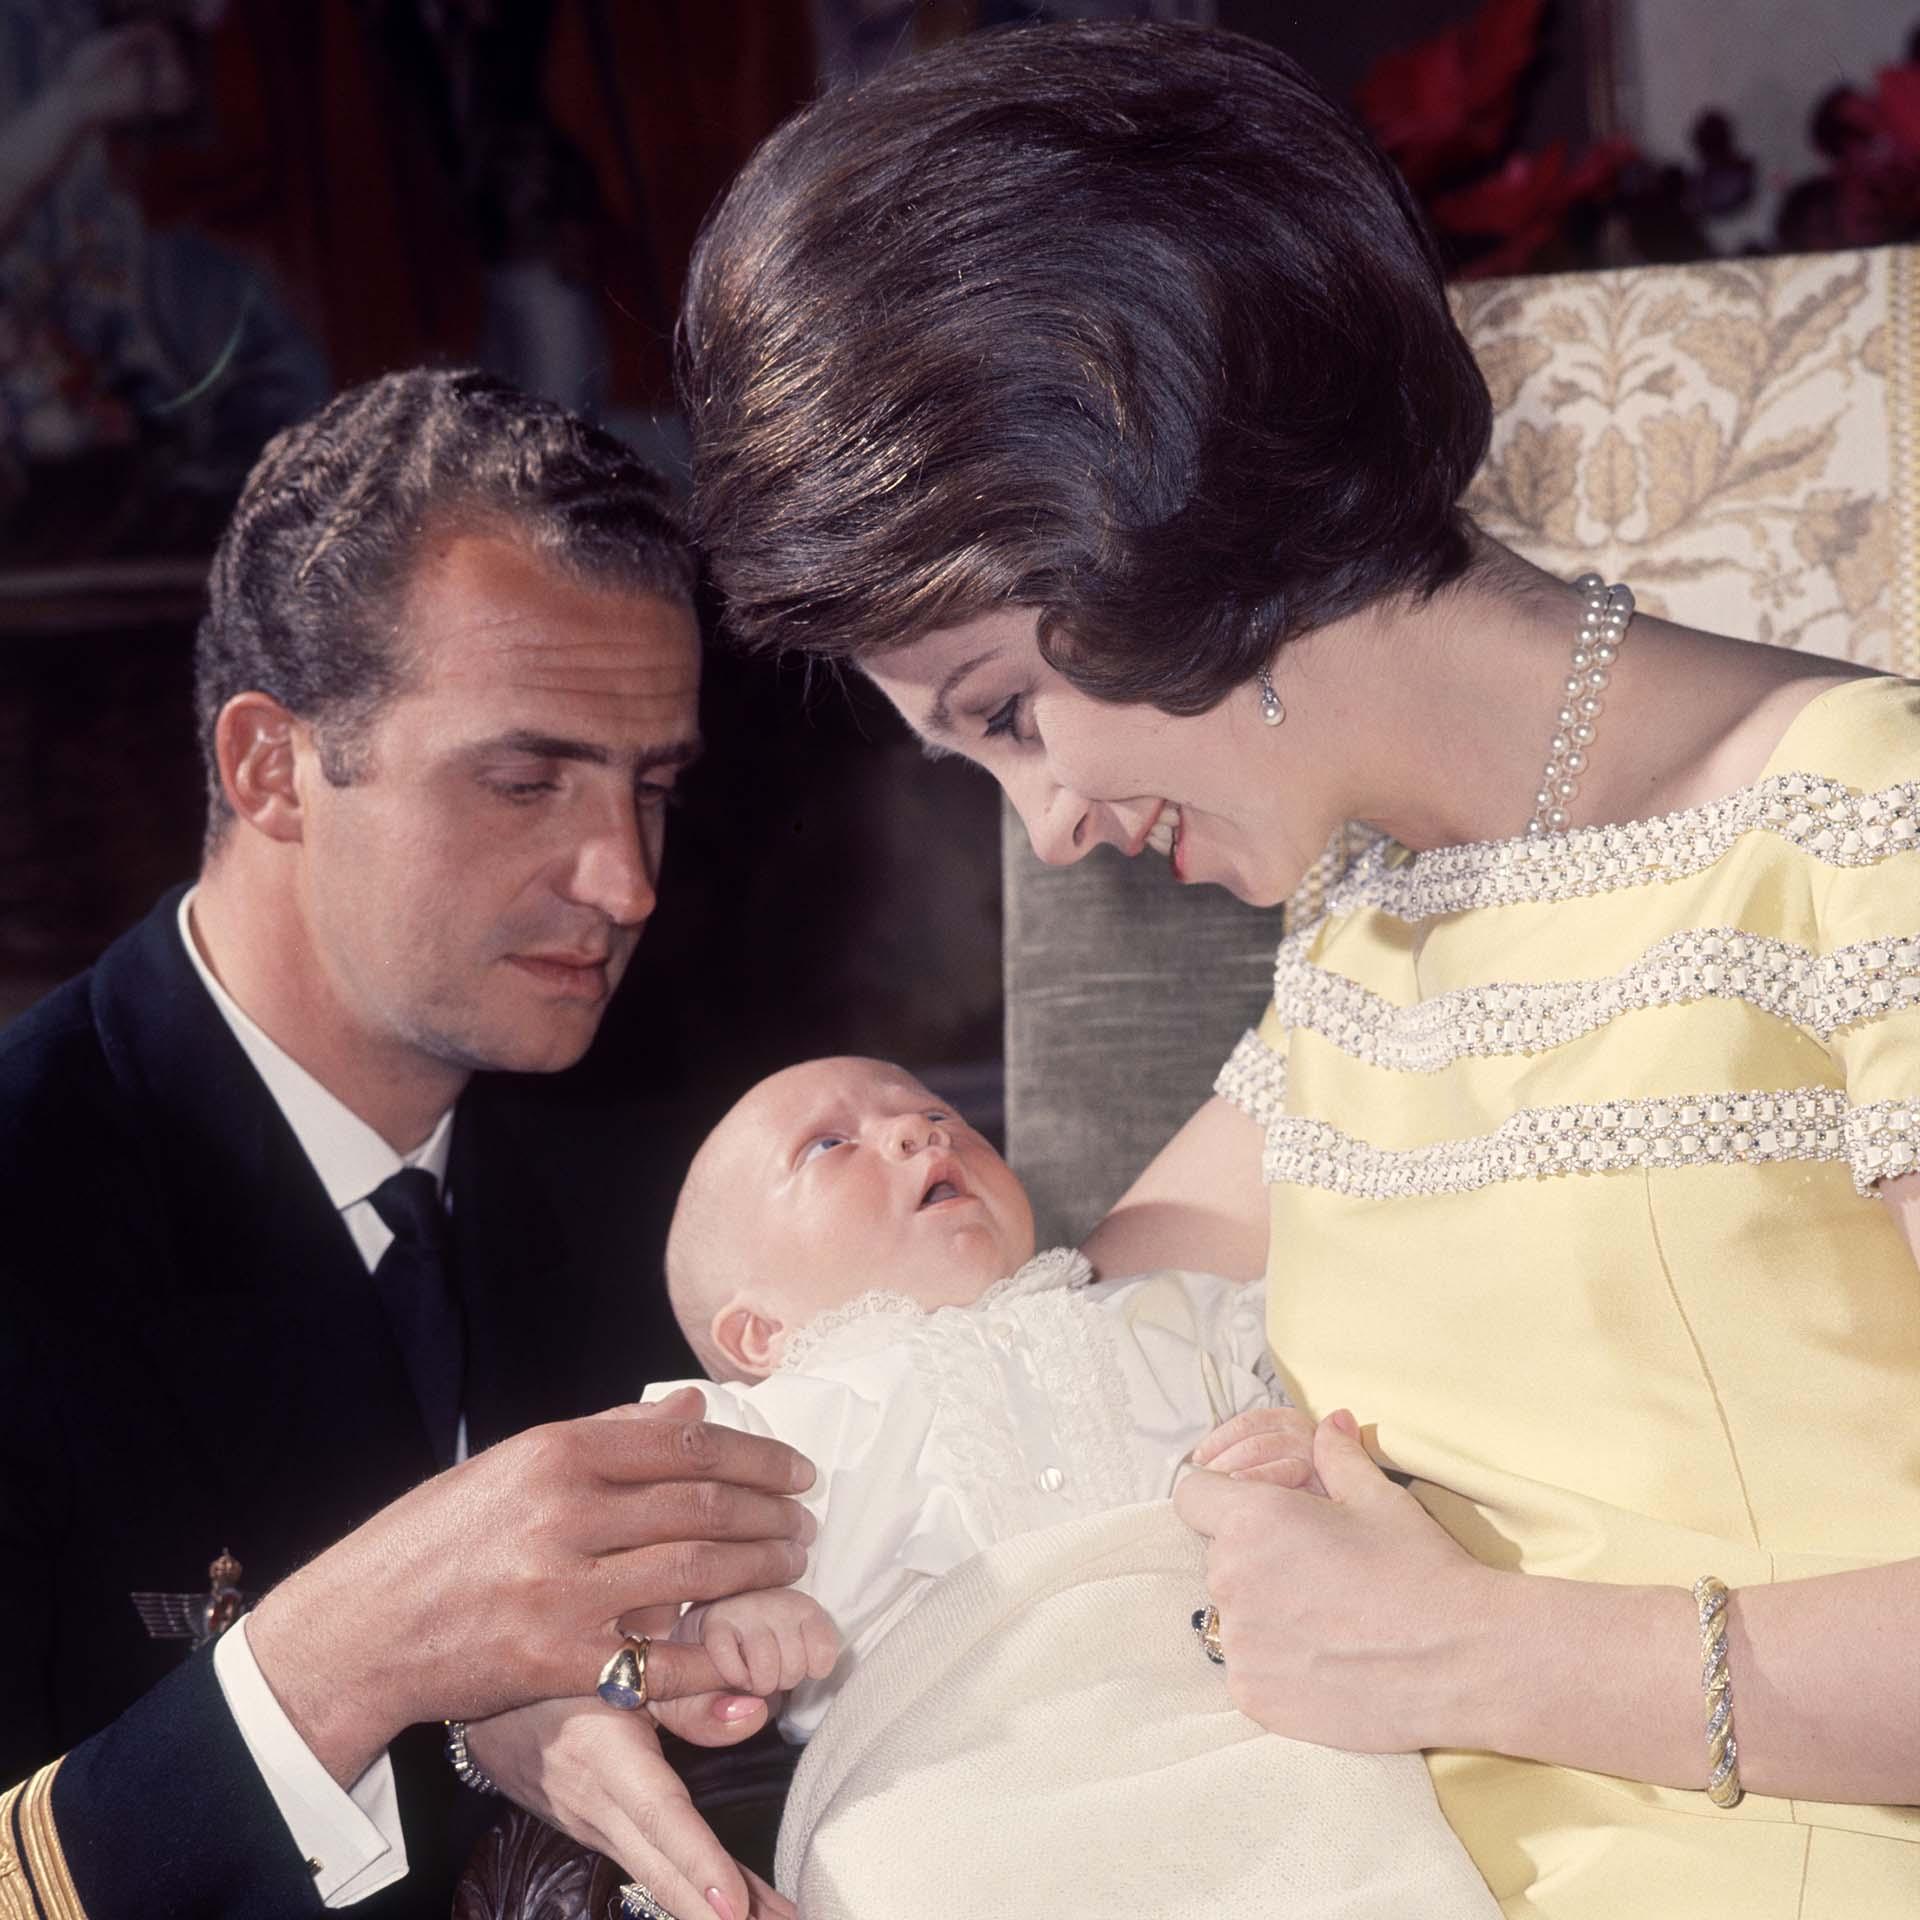 El nacimiento en 1968 de Felipe, quien sería rey de España a partir de 2014, cuando Juan Carlos decidió abdicar en favor suyo (Shutterstock) Prince (King)